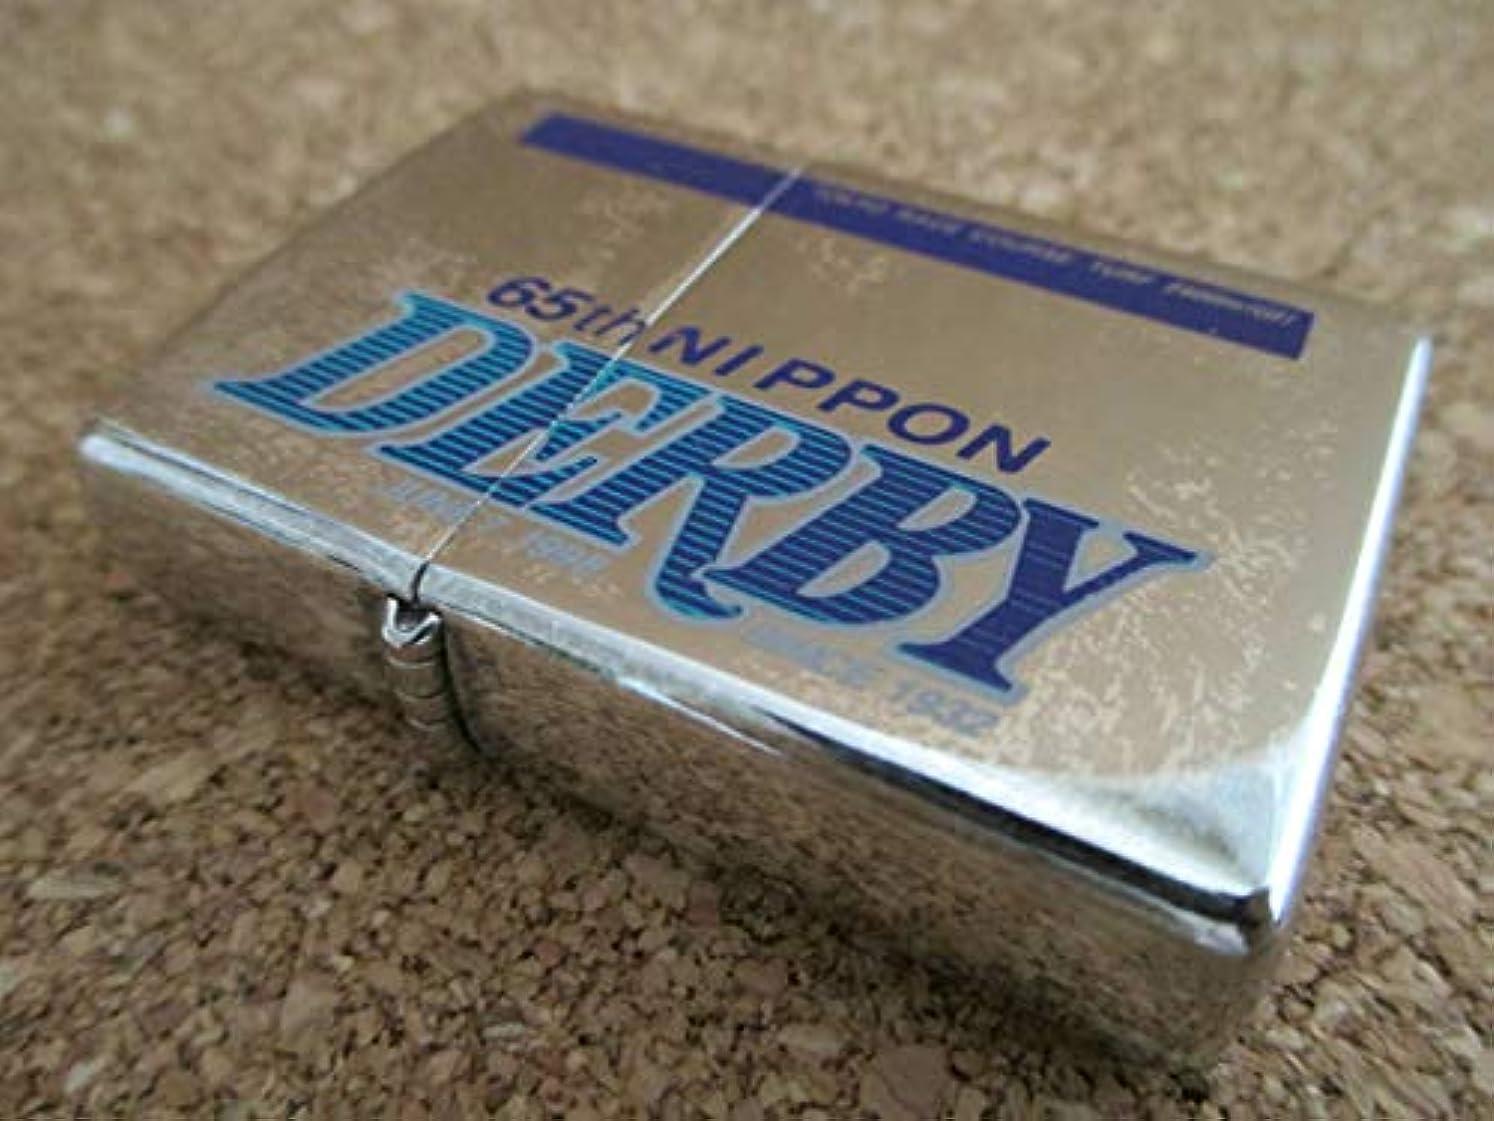 音楽を聴くキノコしなければならないZIPPO 『65th NIPPON DERBY JUNE 7.1998 日本ダービー』1997年8月製造 TOKYO RACE COURSE TURF 2400m オイルライター ジッポー 廃版激レア